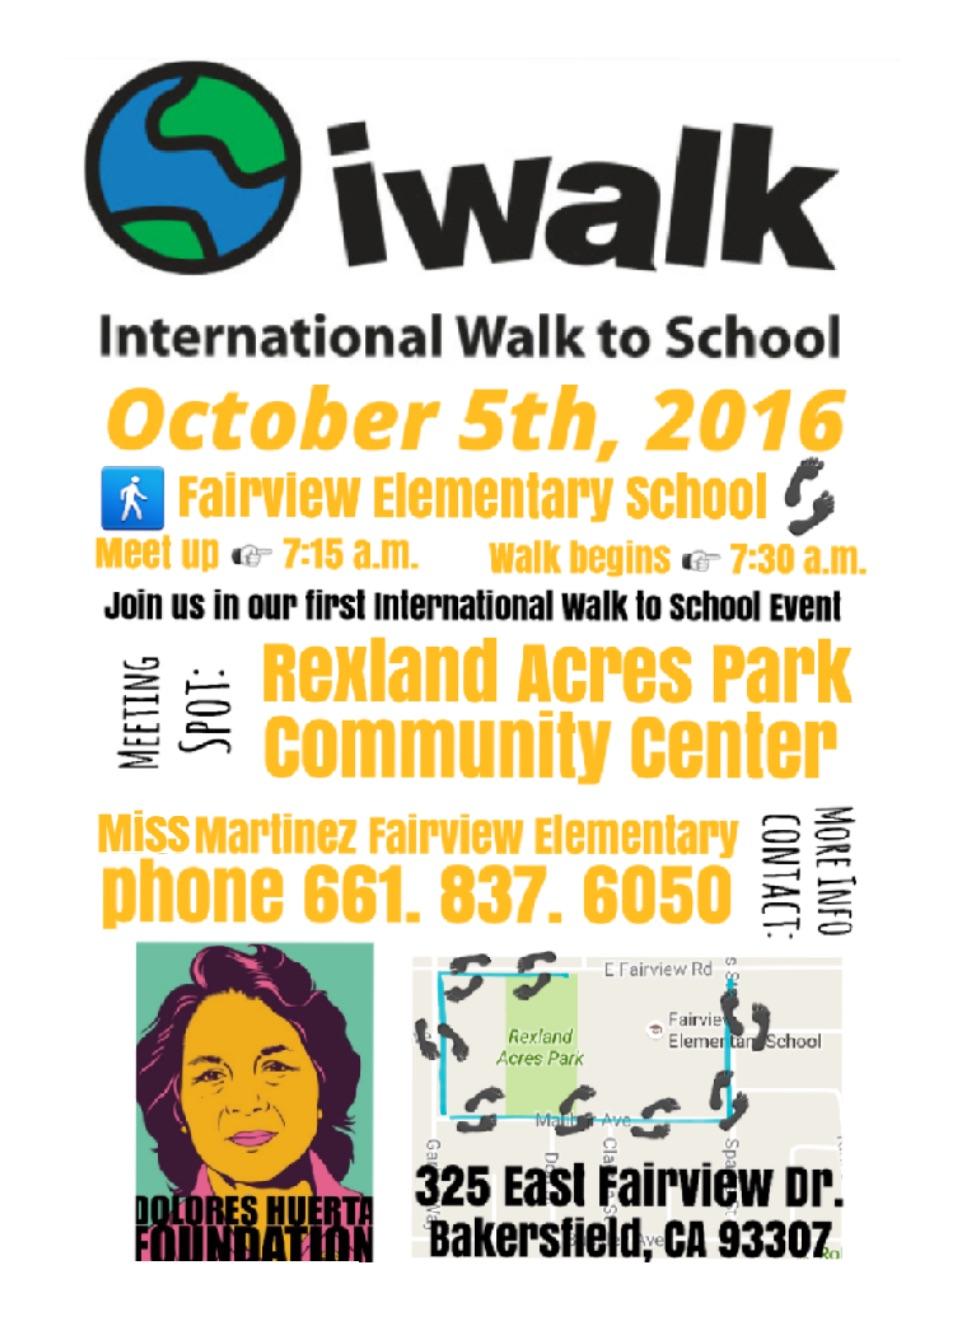 walk-to-school-day-flyer-english-10-5-16